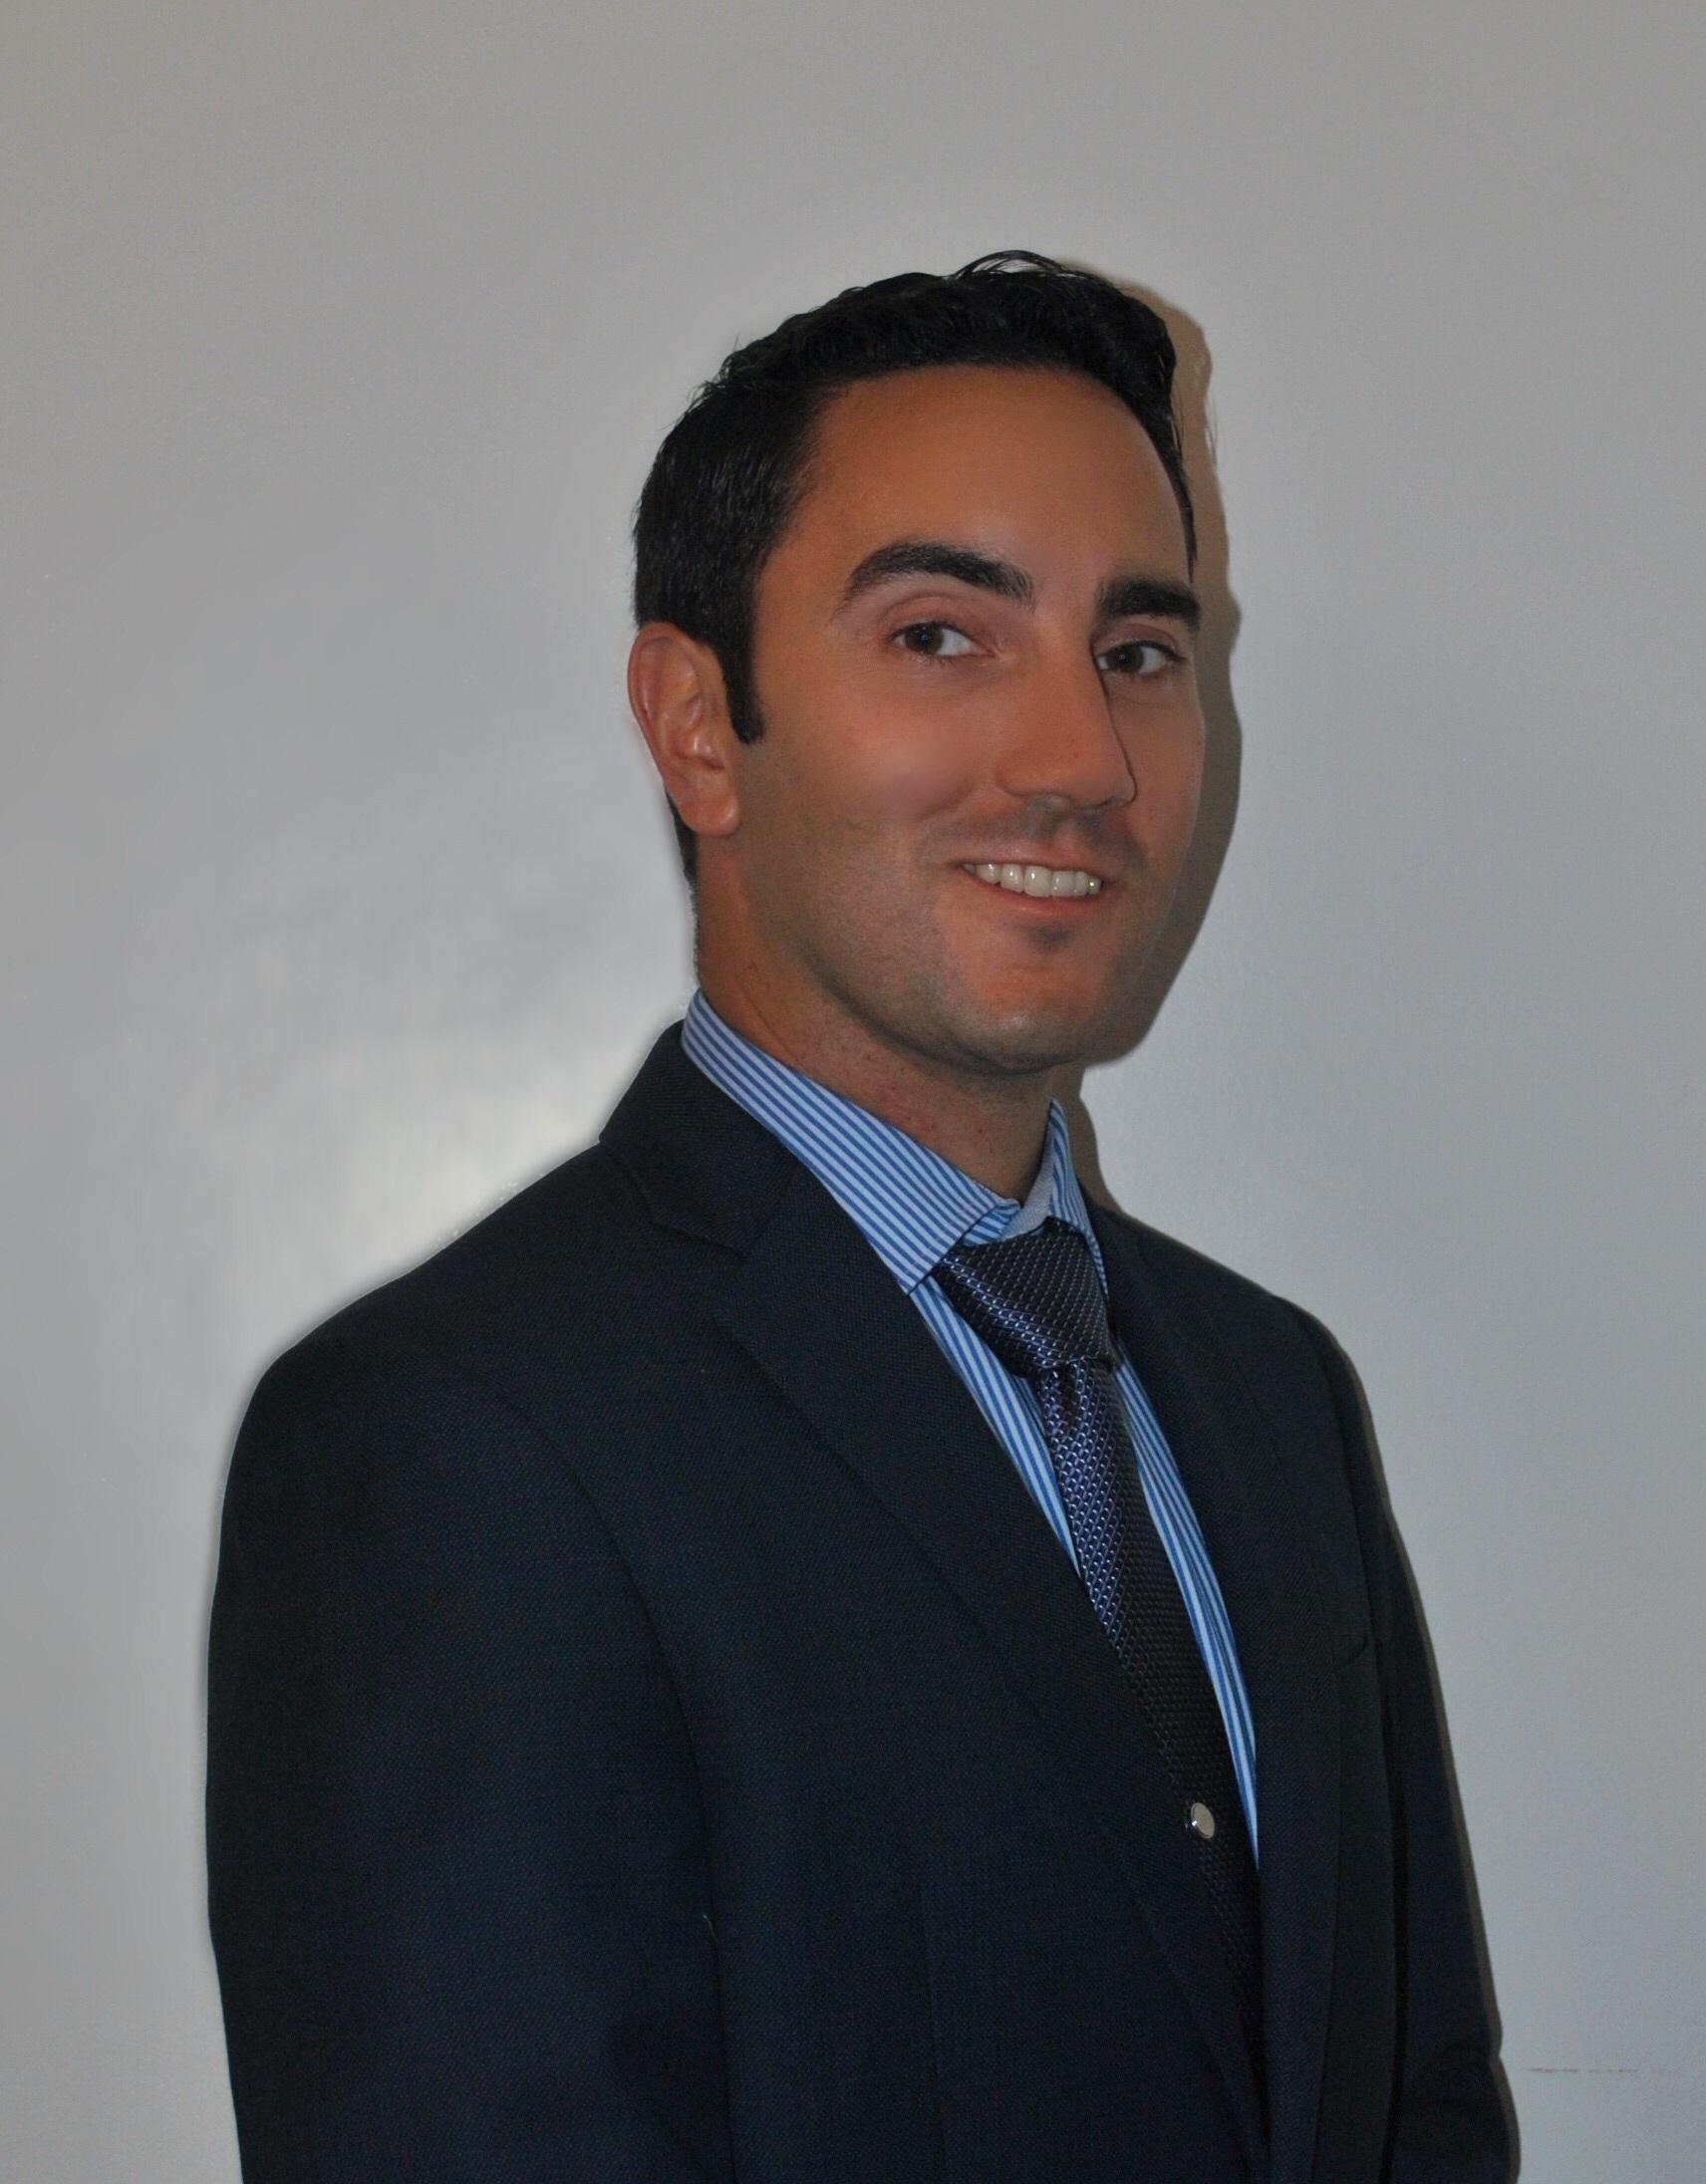 Michael Rahaim